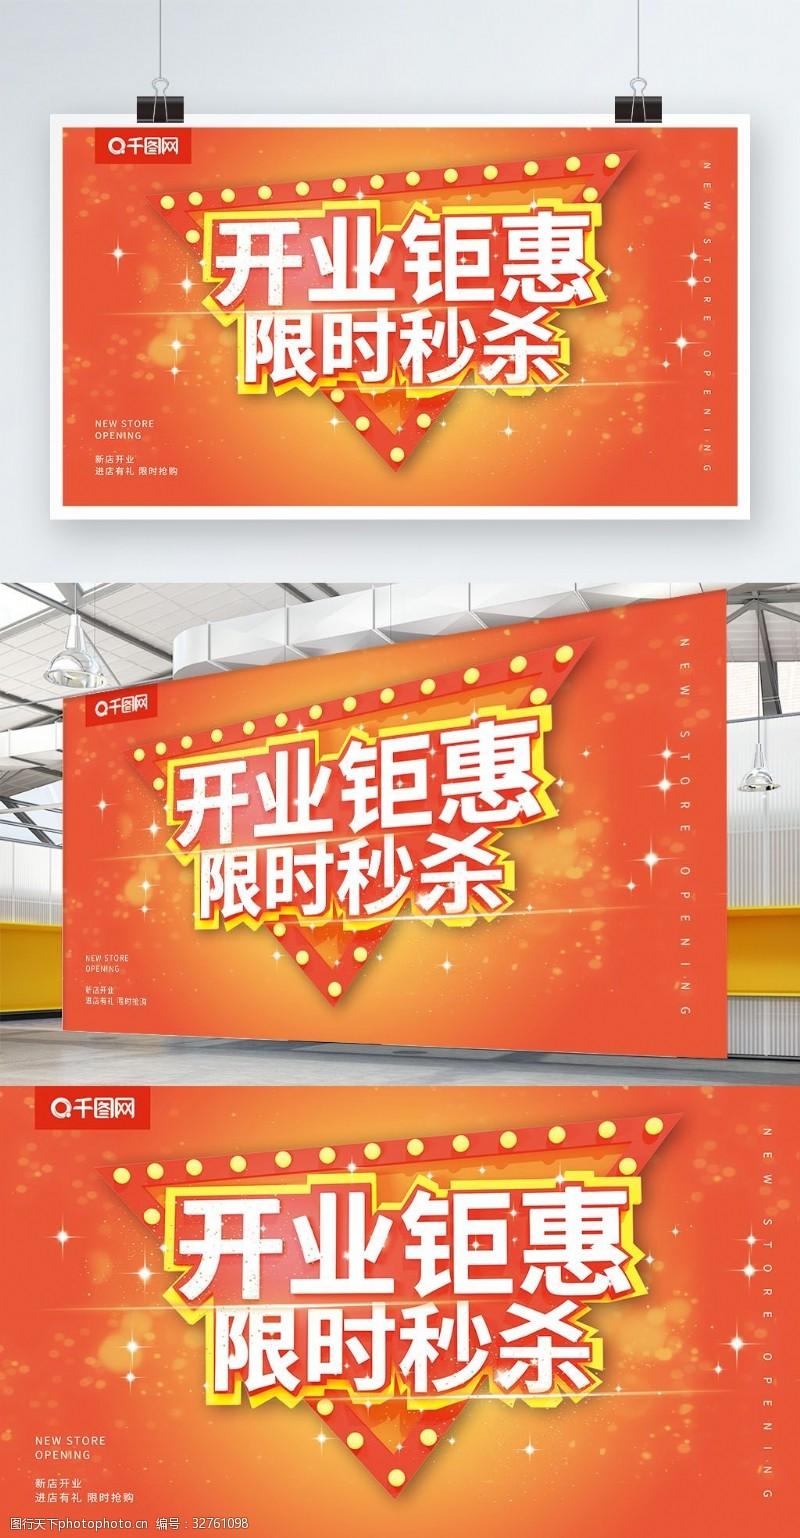 原创展板商场户外开业钜惠C4D立体字展板原创设计